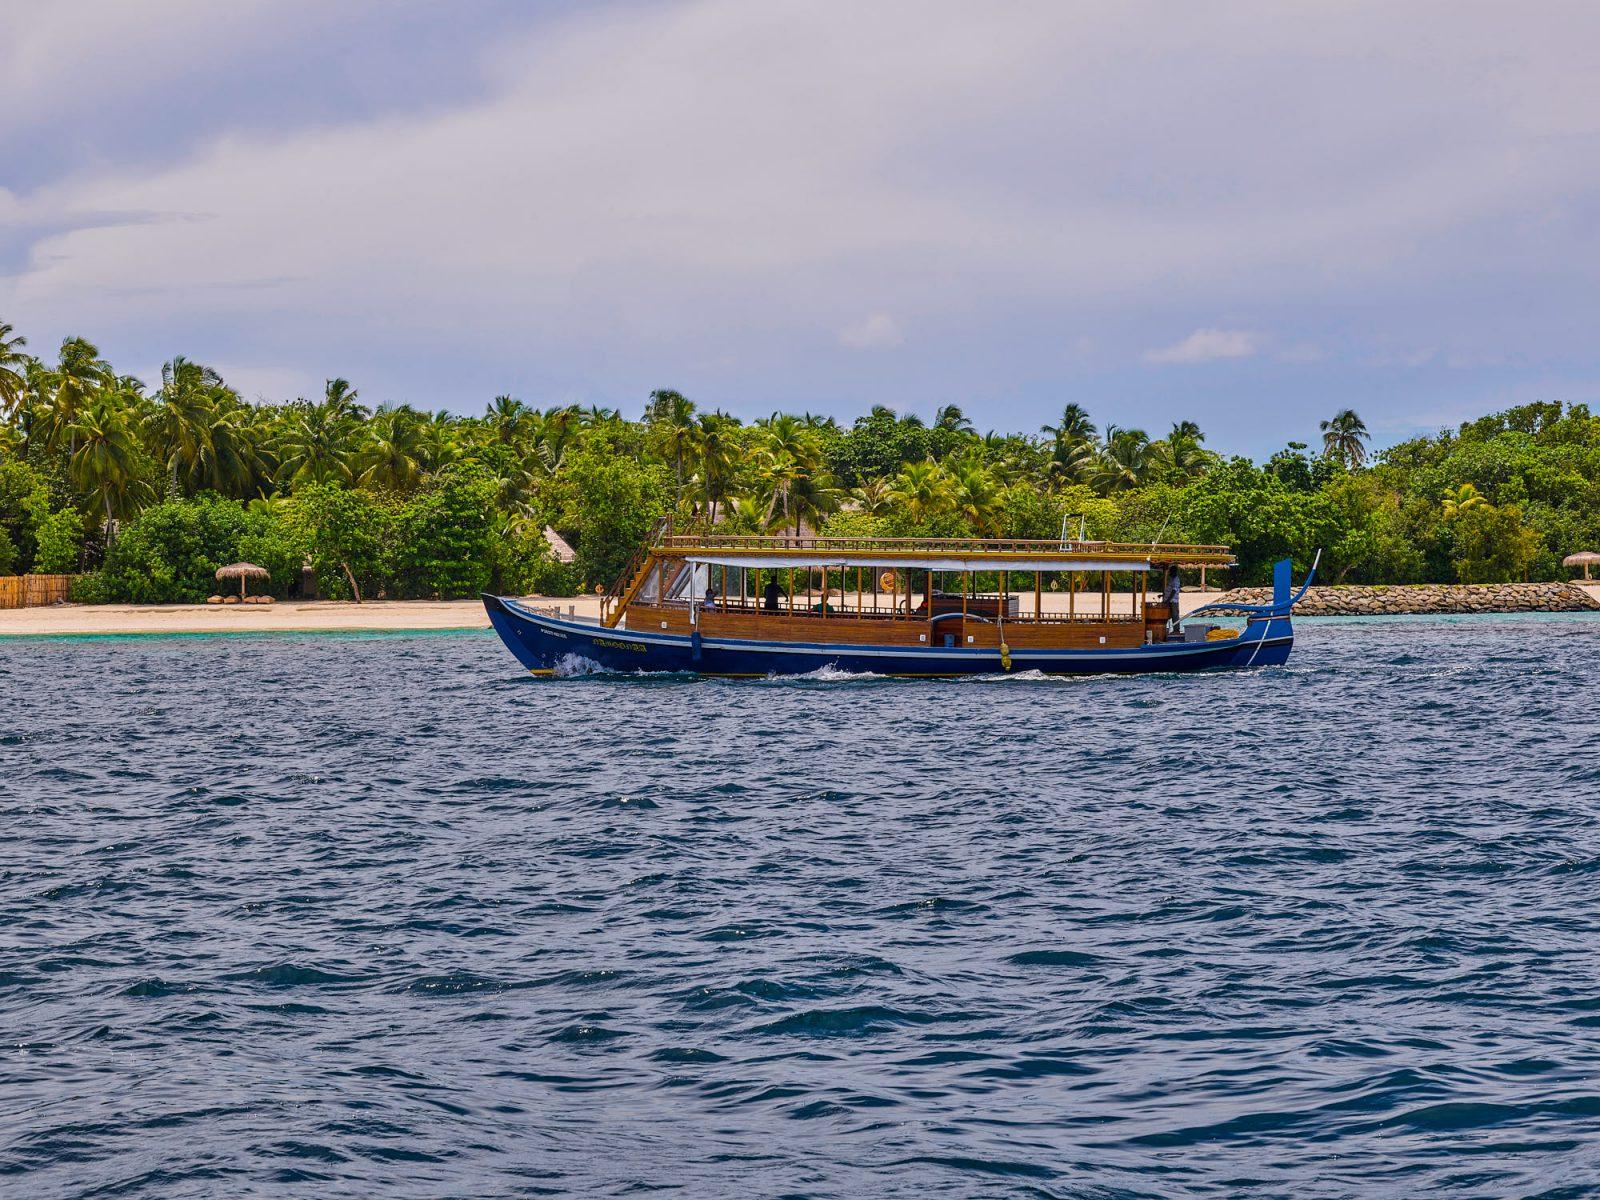 Беспечный и комфортный отдых гостям резиденций обеспечивает персональный батлер, а частные лодки-дони позволят вам совершать самостоятельные путешествия вокруг курорта.